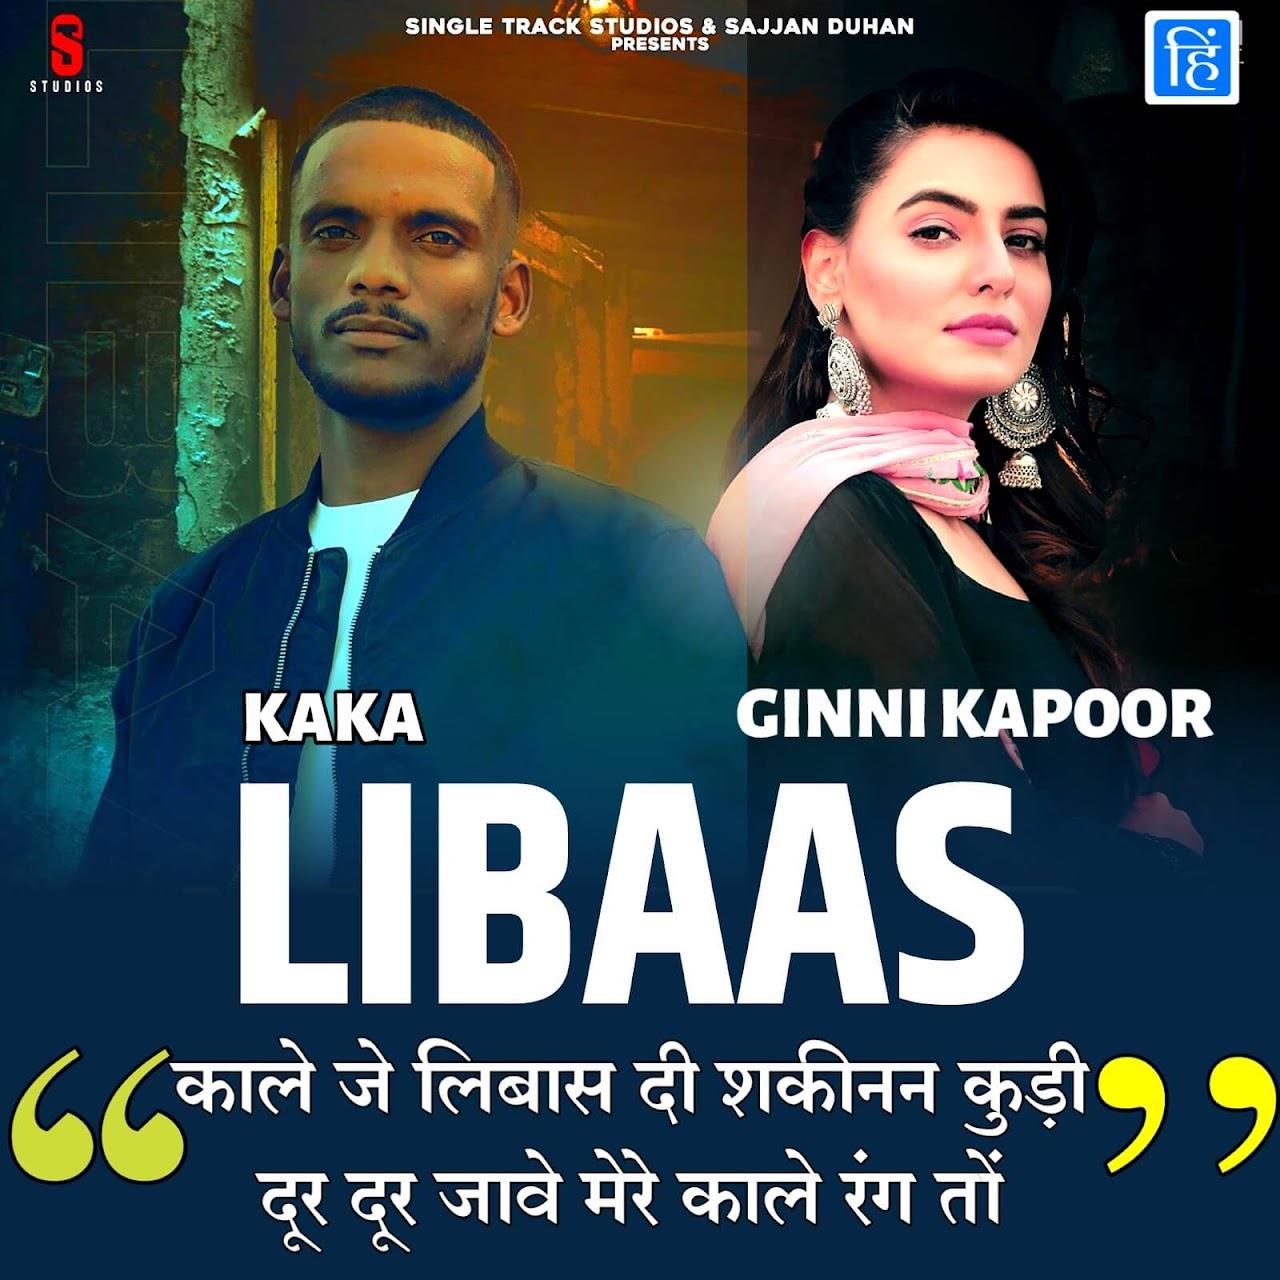 Libaas Lyrics In Hindi